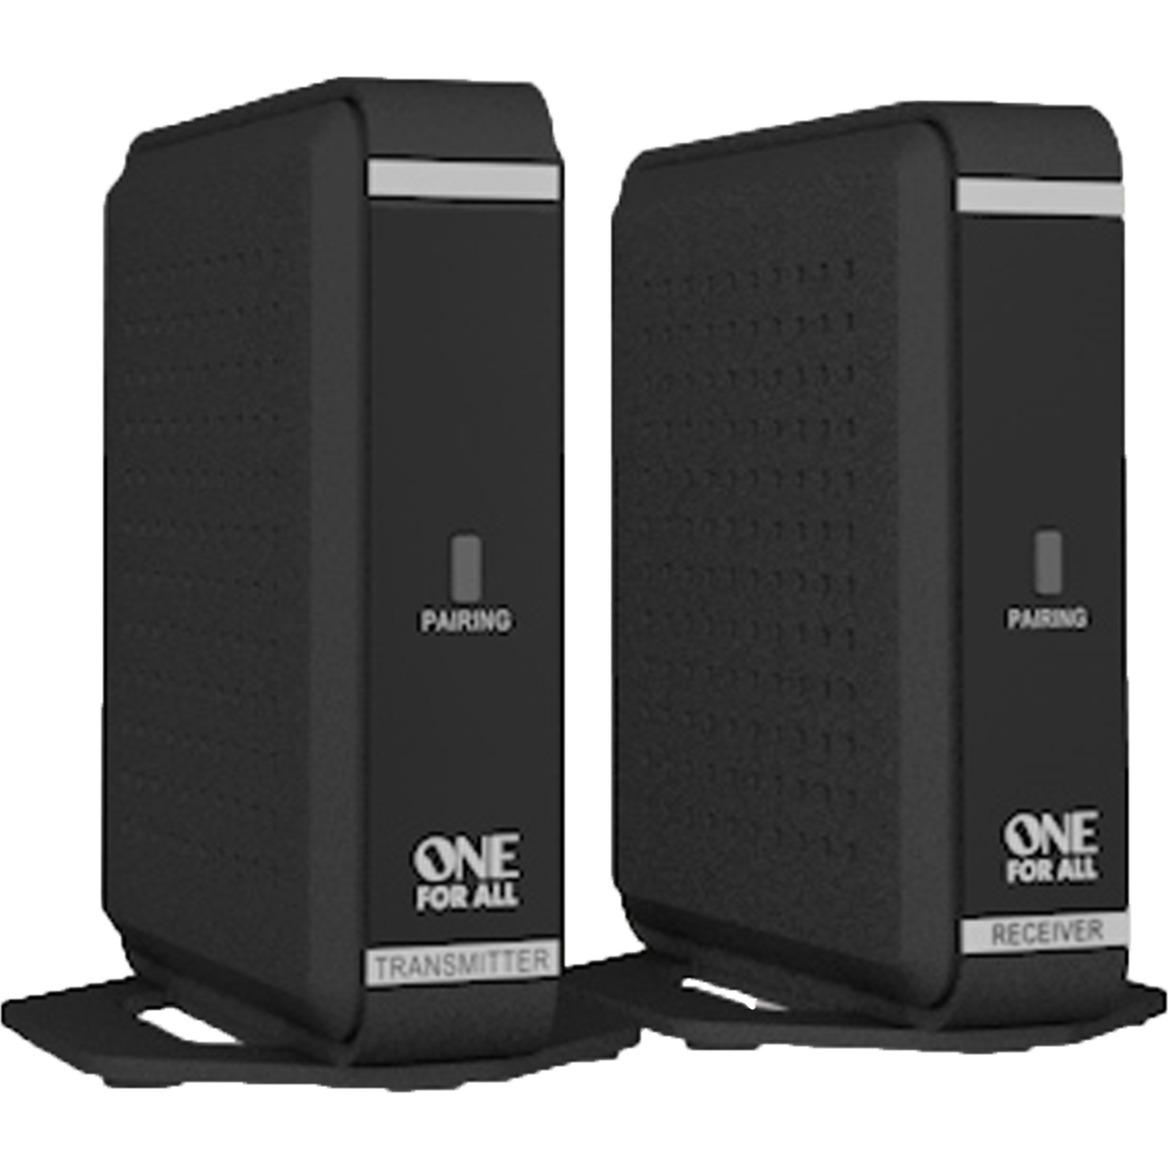 SV 1760 AV transmitter & receiver Negro extensor audio/video, Transmisor de audio...